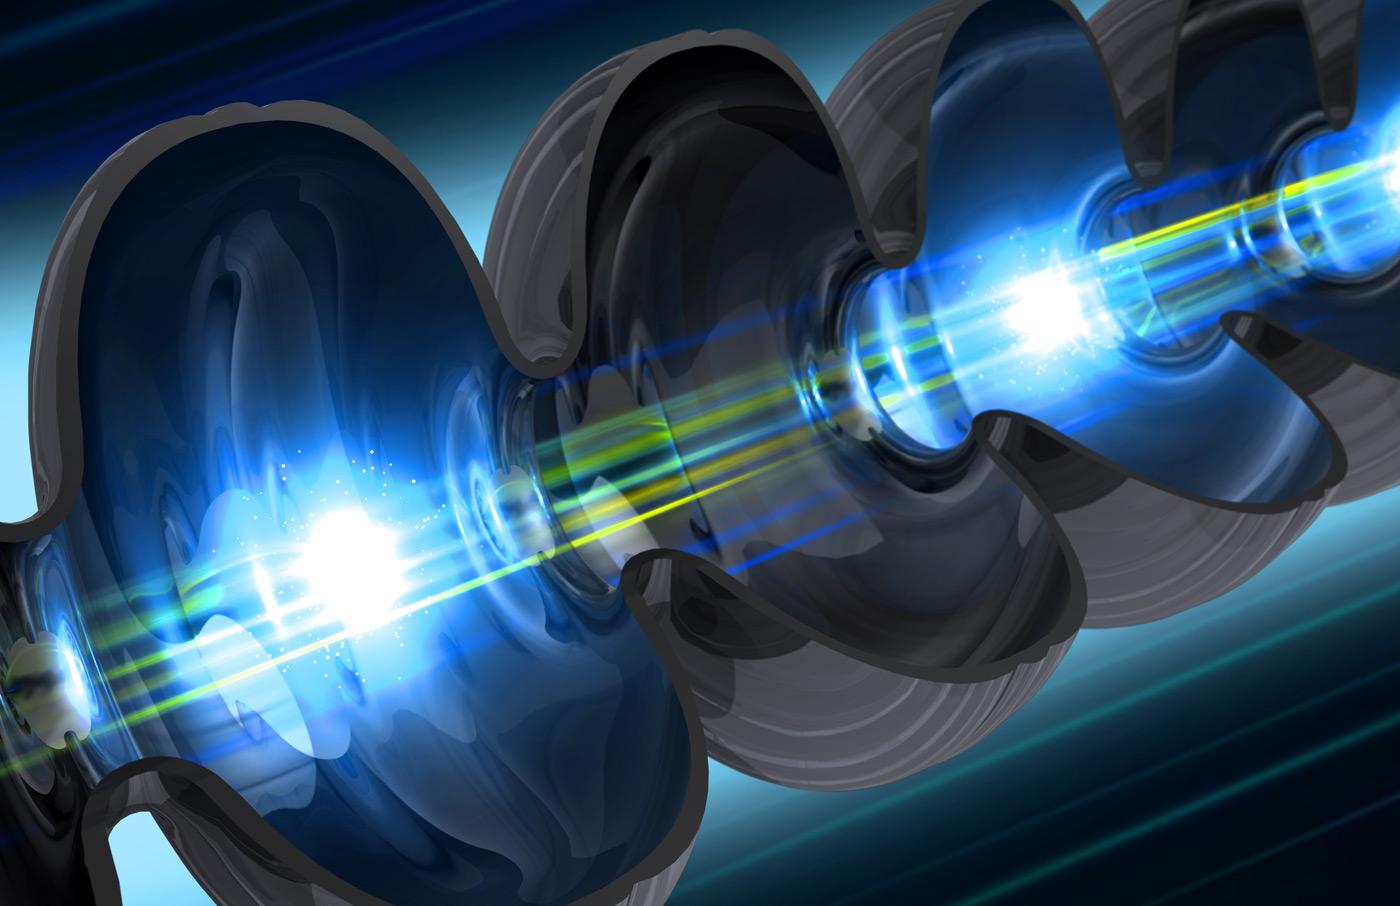 بزرگترین لیزر اشعه ایکس جهان  ده هزار برابر روشنتر میشود